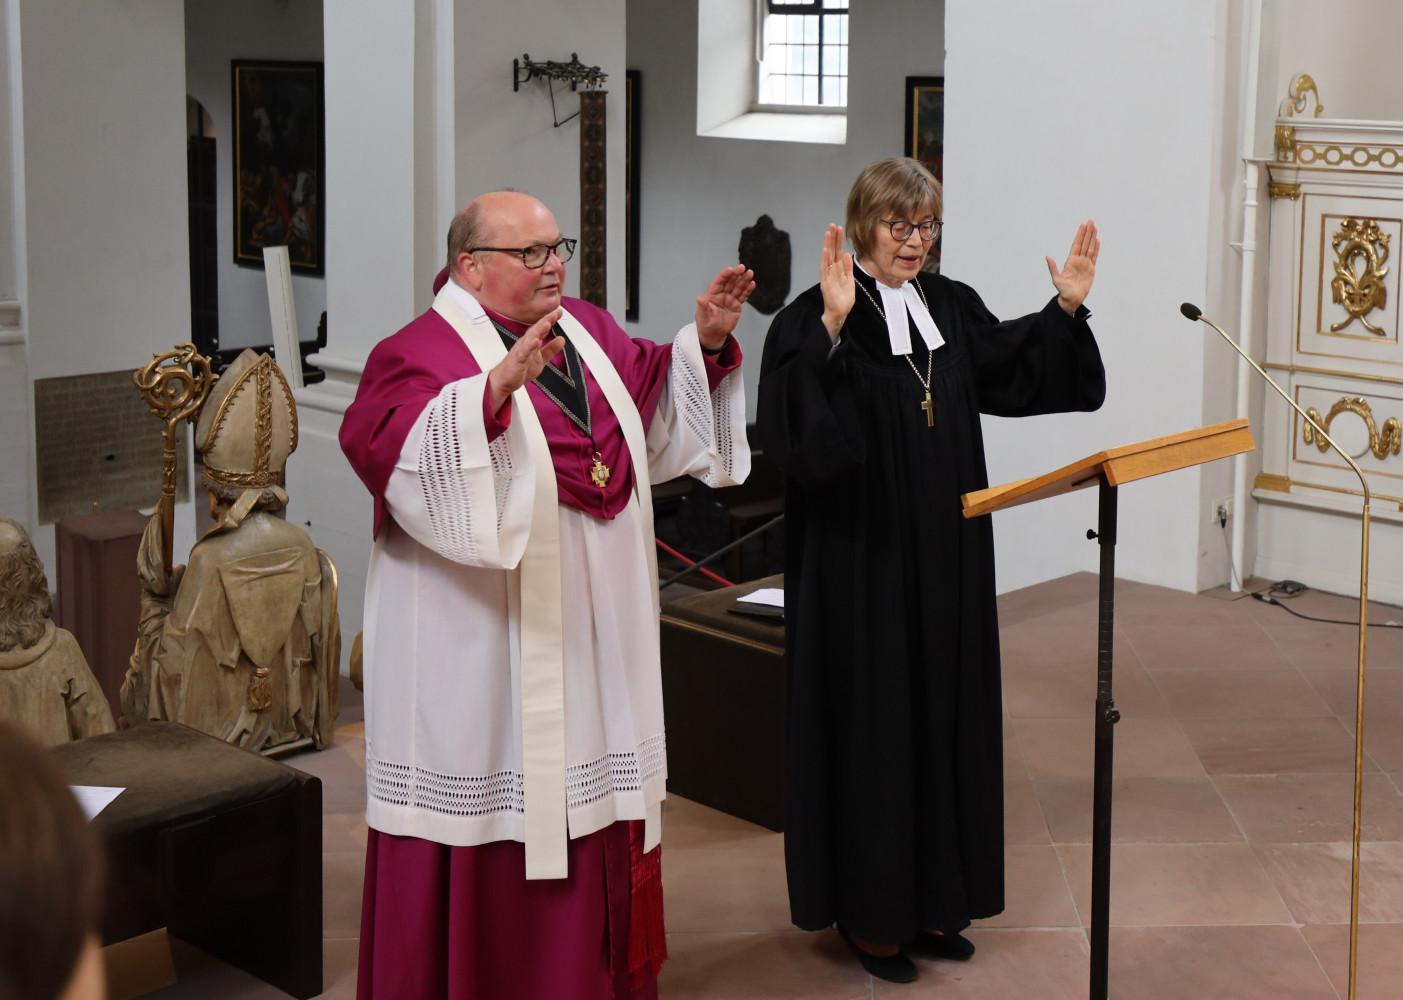 Regionalbischöfin Gisela Bornowski und Domkapitular Stefan Gessner – Ökumenischer Gottesdienst zum Abschluss der Ausbildung